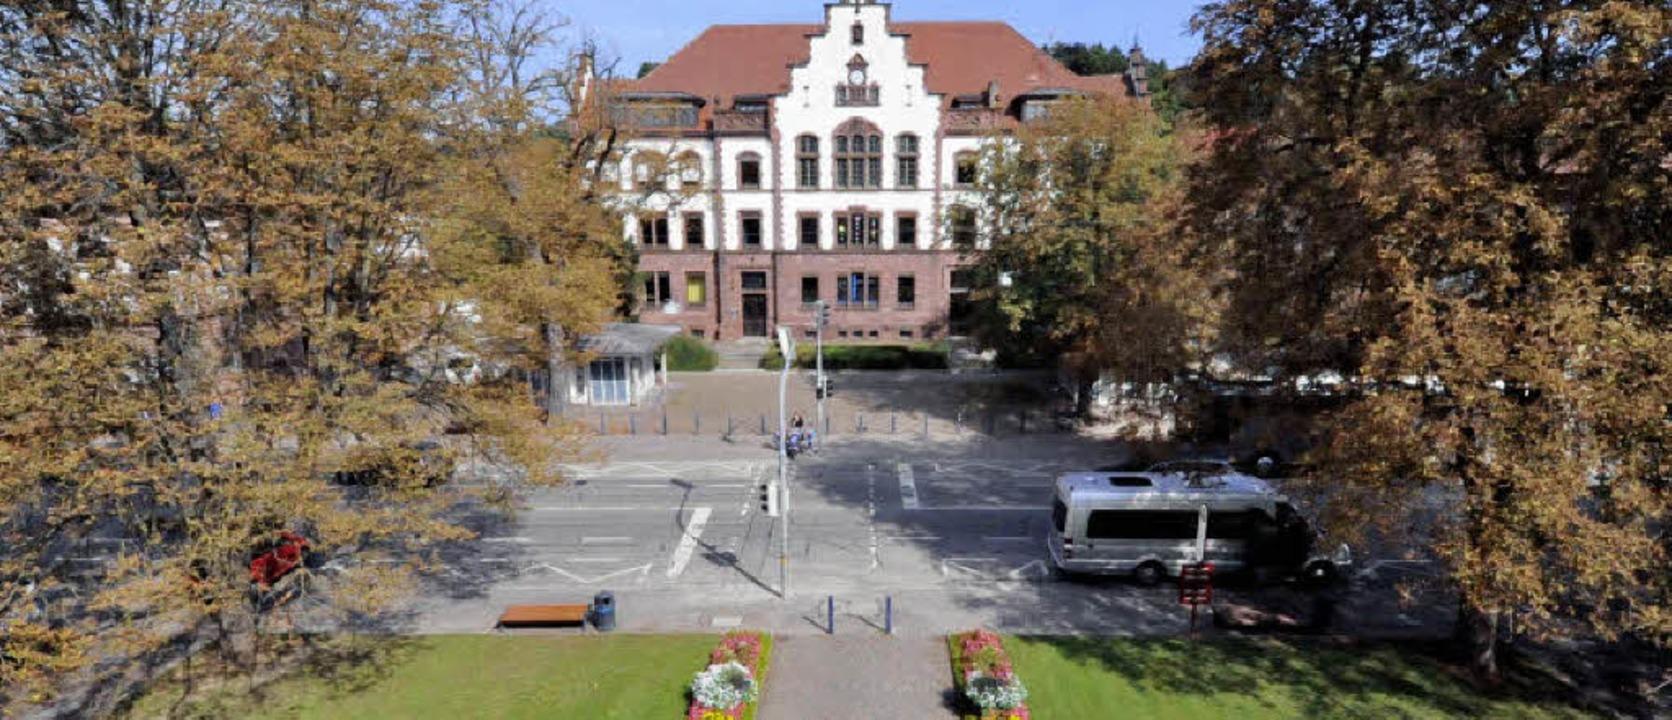 Der Platz zwischen Amtsgericht und KAr...ie Mitglieder des Kulturkreises einig.    Foto: Markus Zimmermann